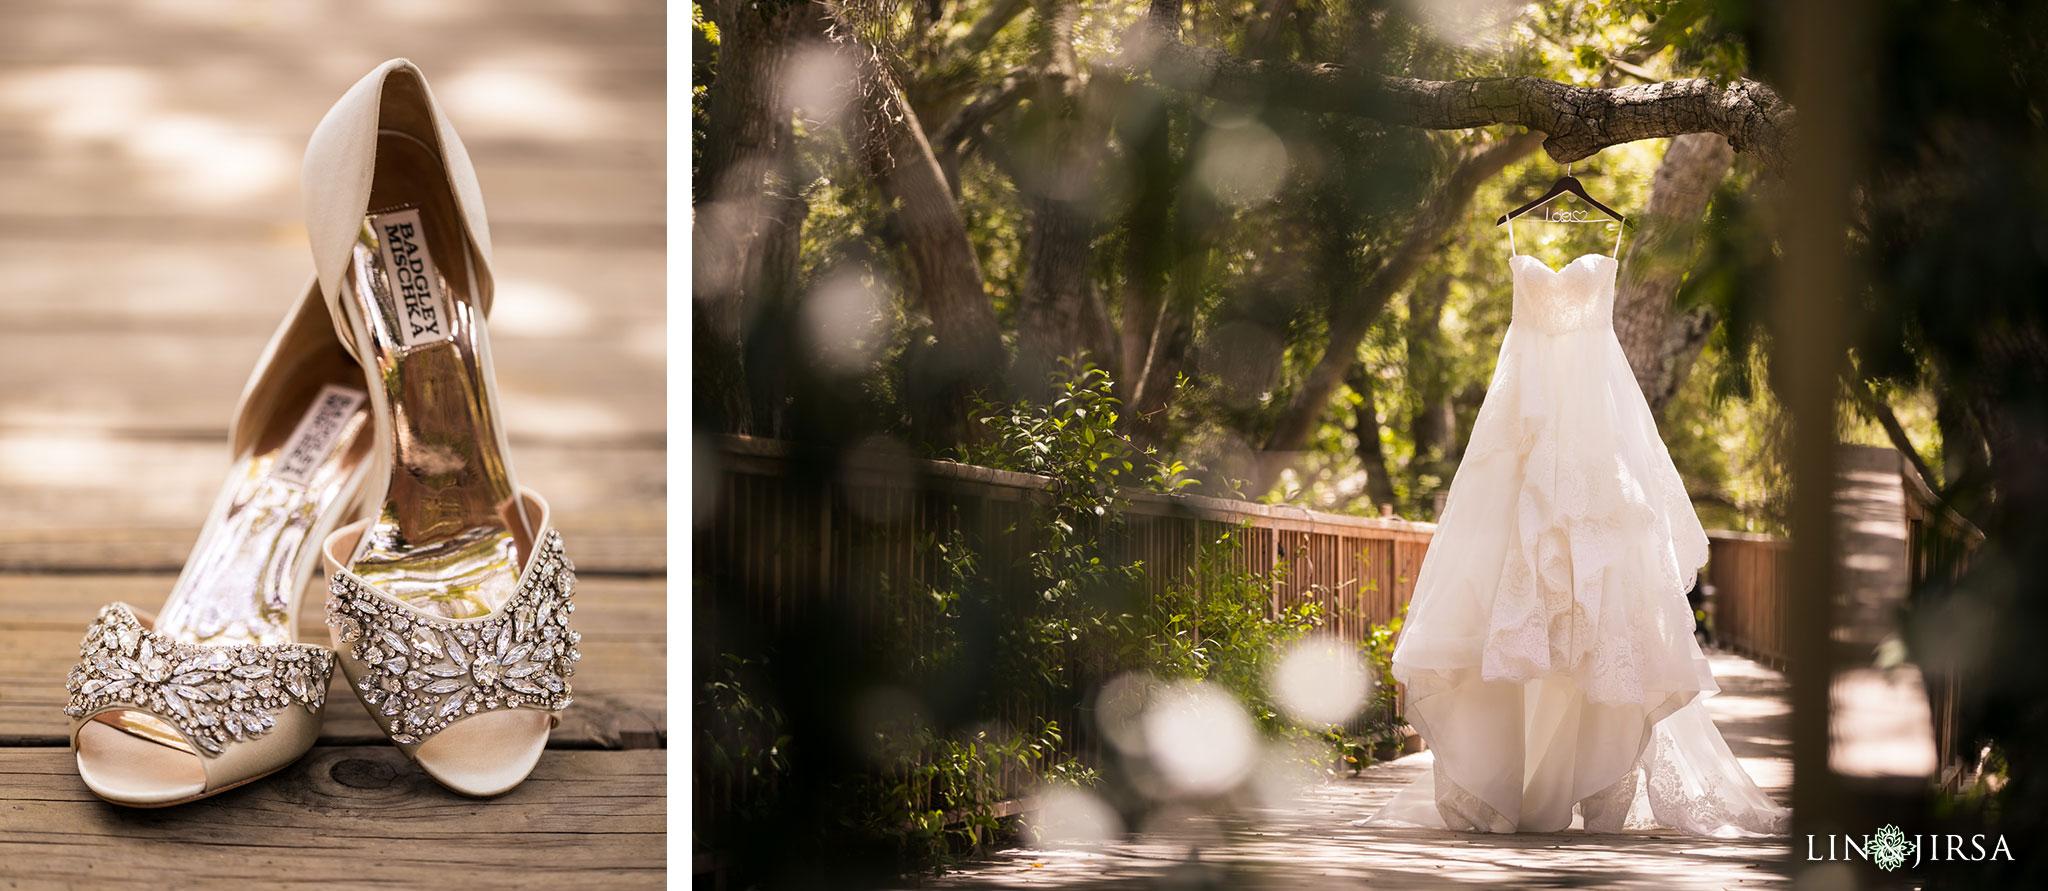 02 calamigos ranch malibu bride wedding photography